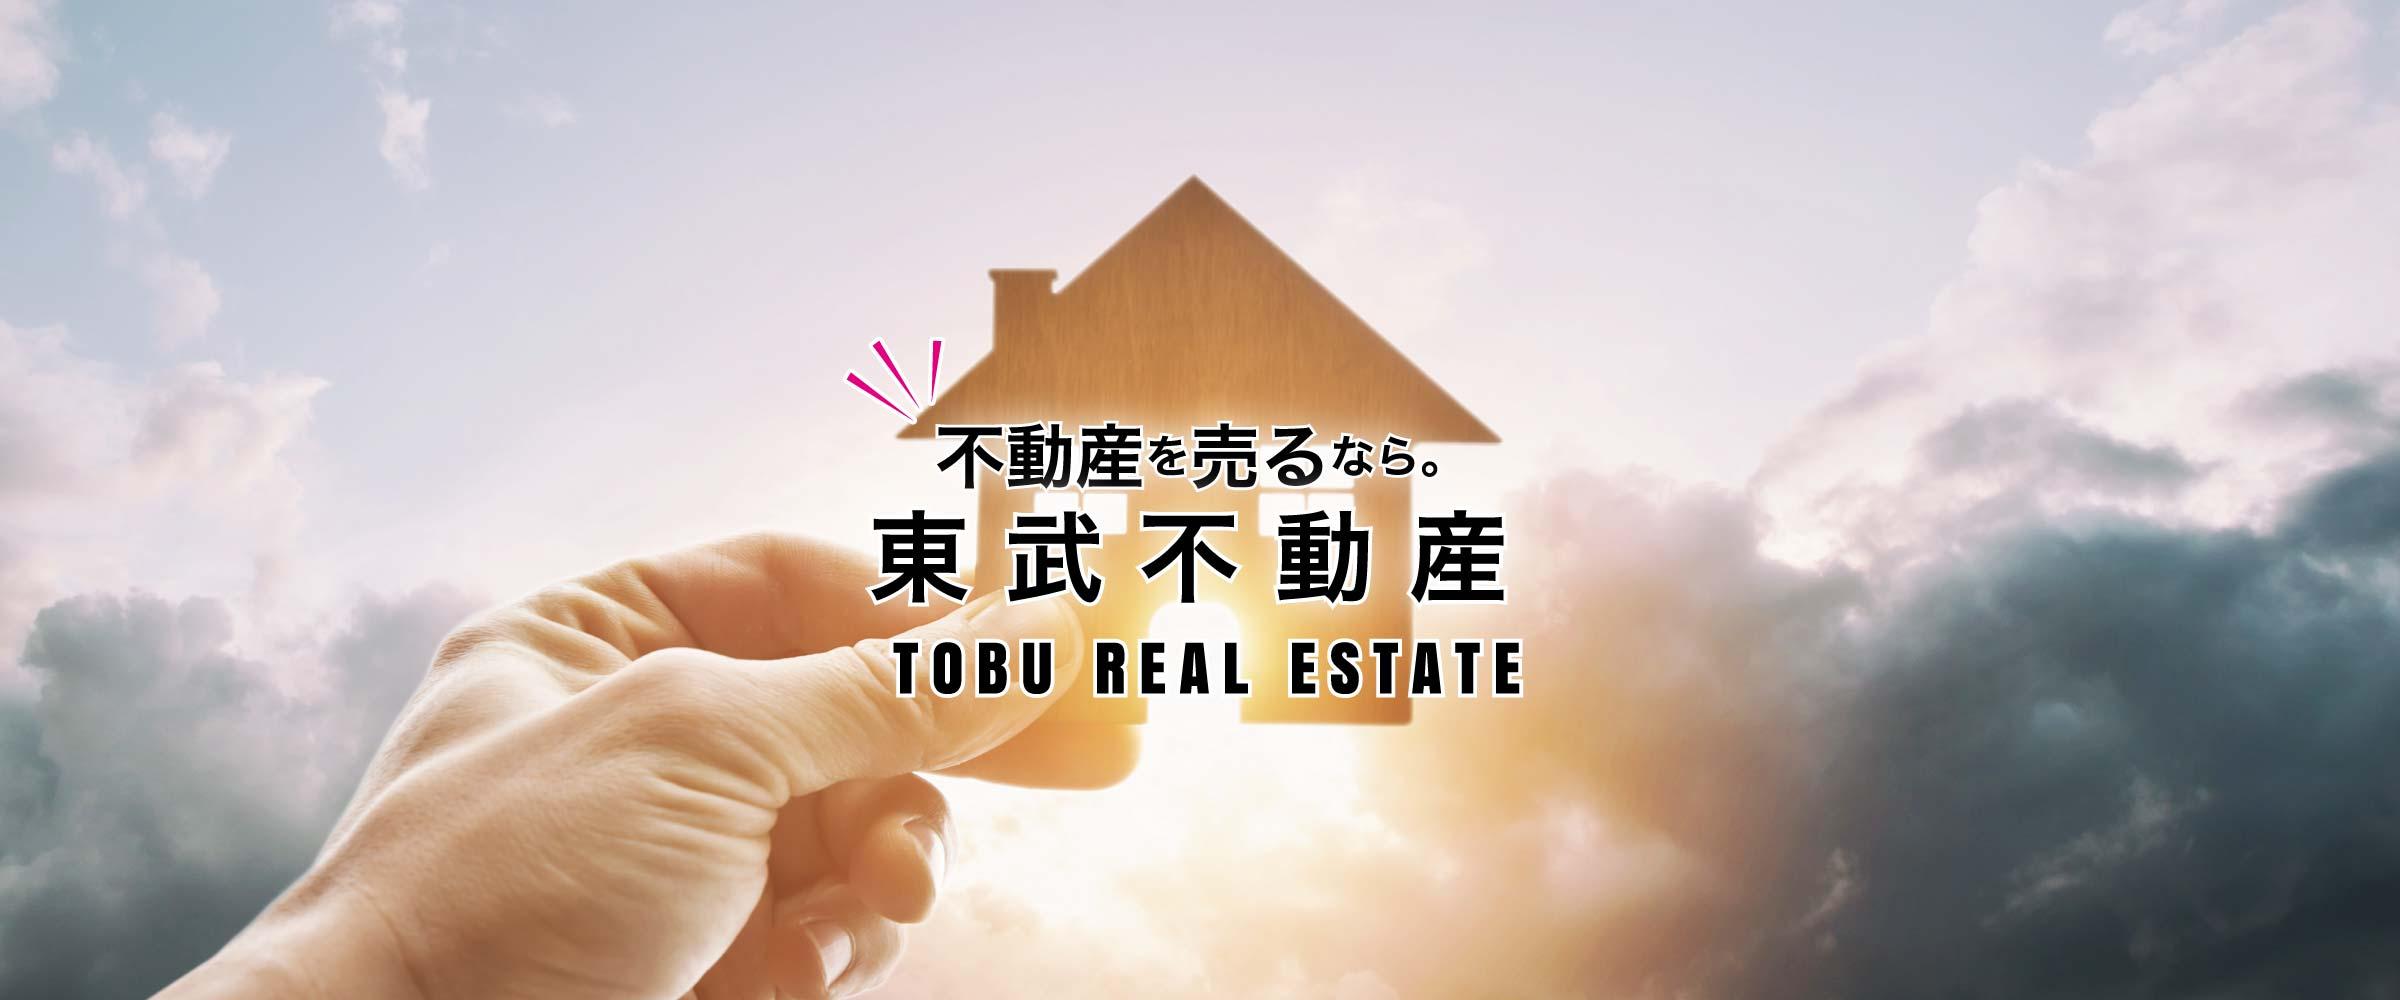 不動産を売るなら。東武動産 TOBU REAL ESTATE